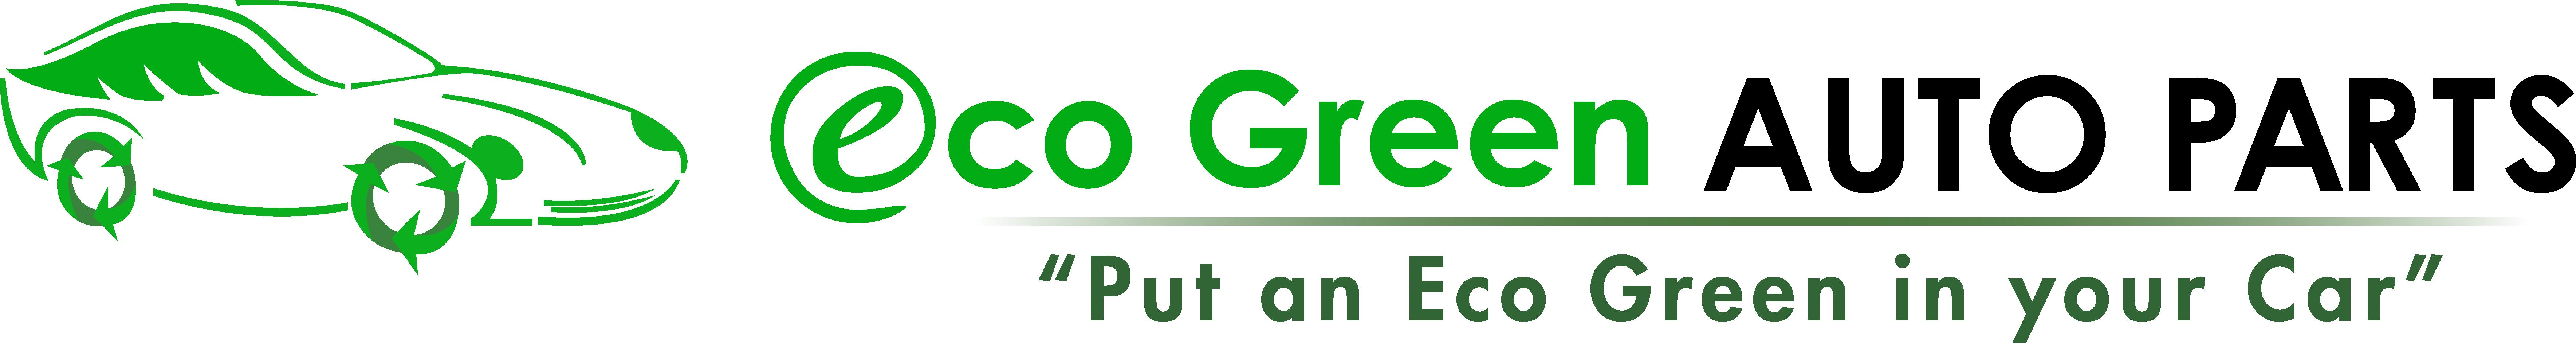 Eco G Auto Parts